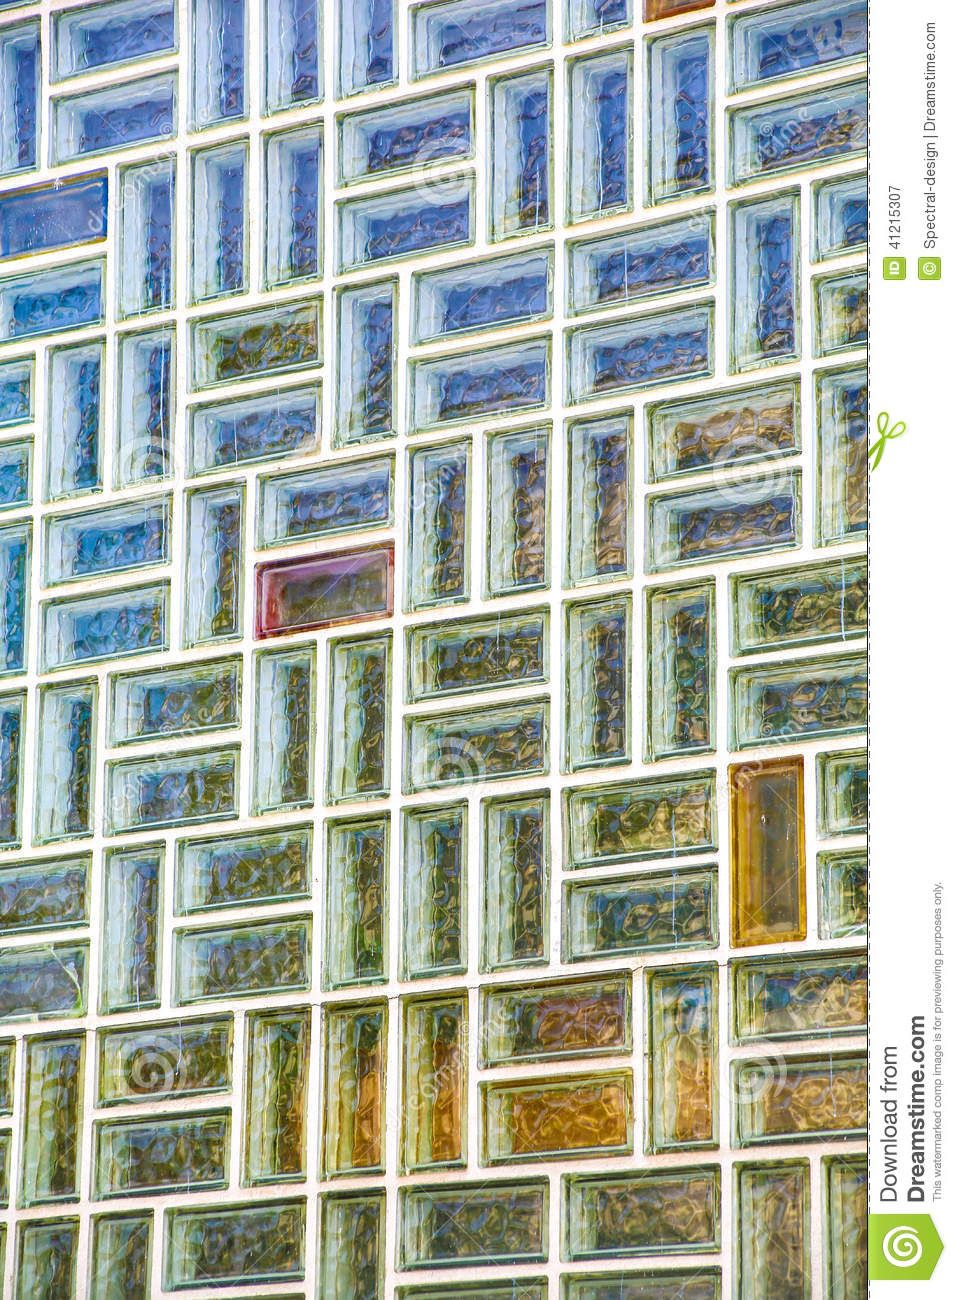 R sultat de recherche d 39 images pour brique de verre - Montage brique de verre exterieur ...